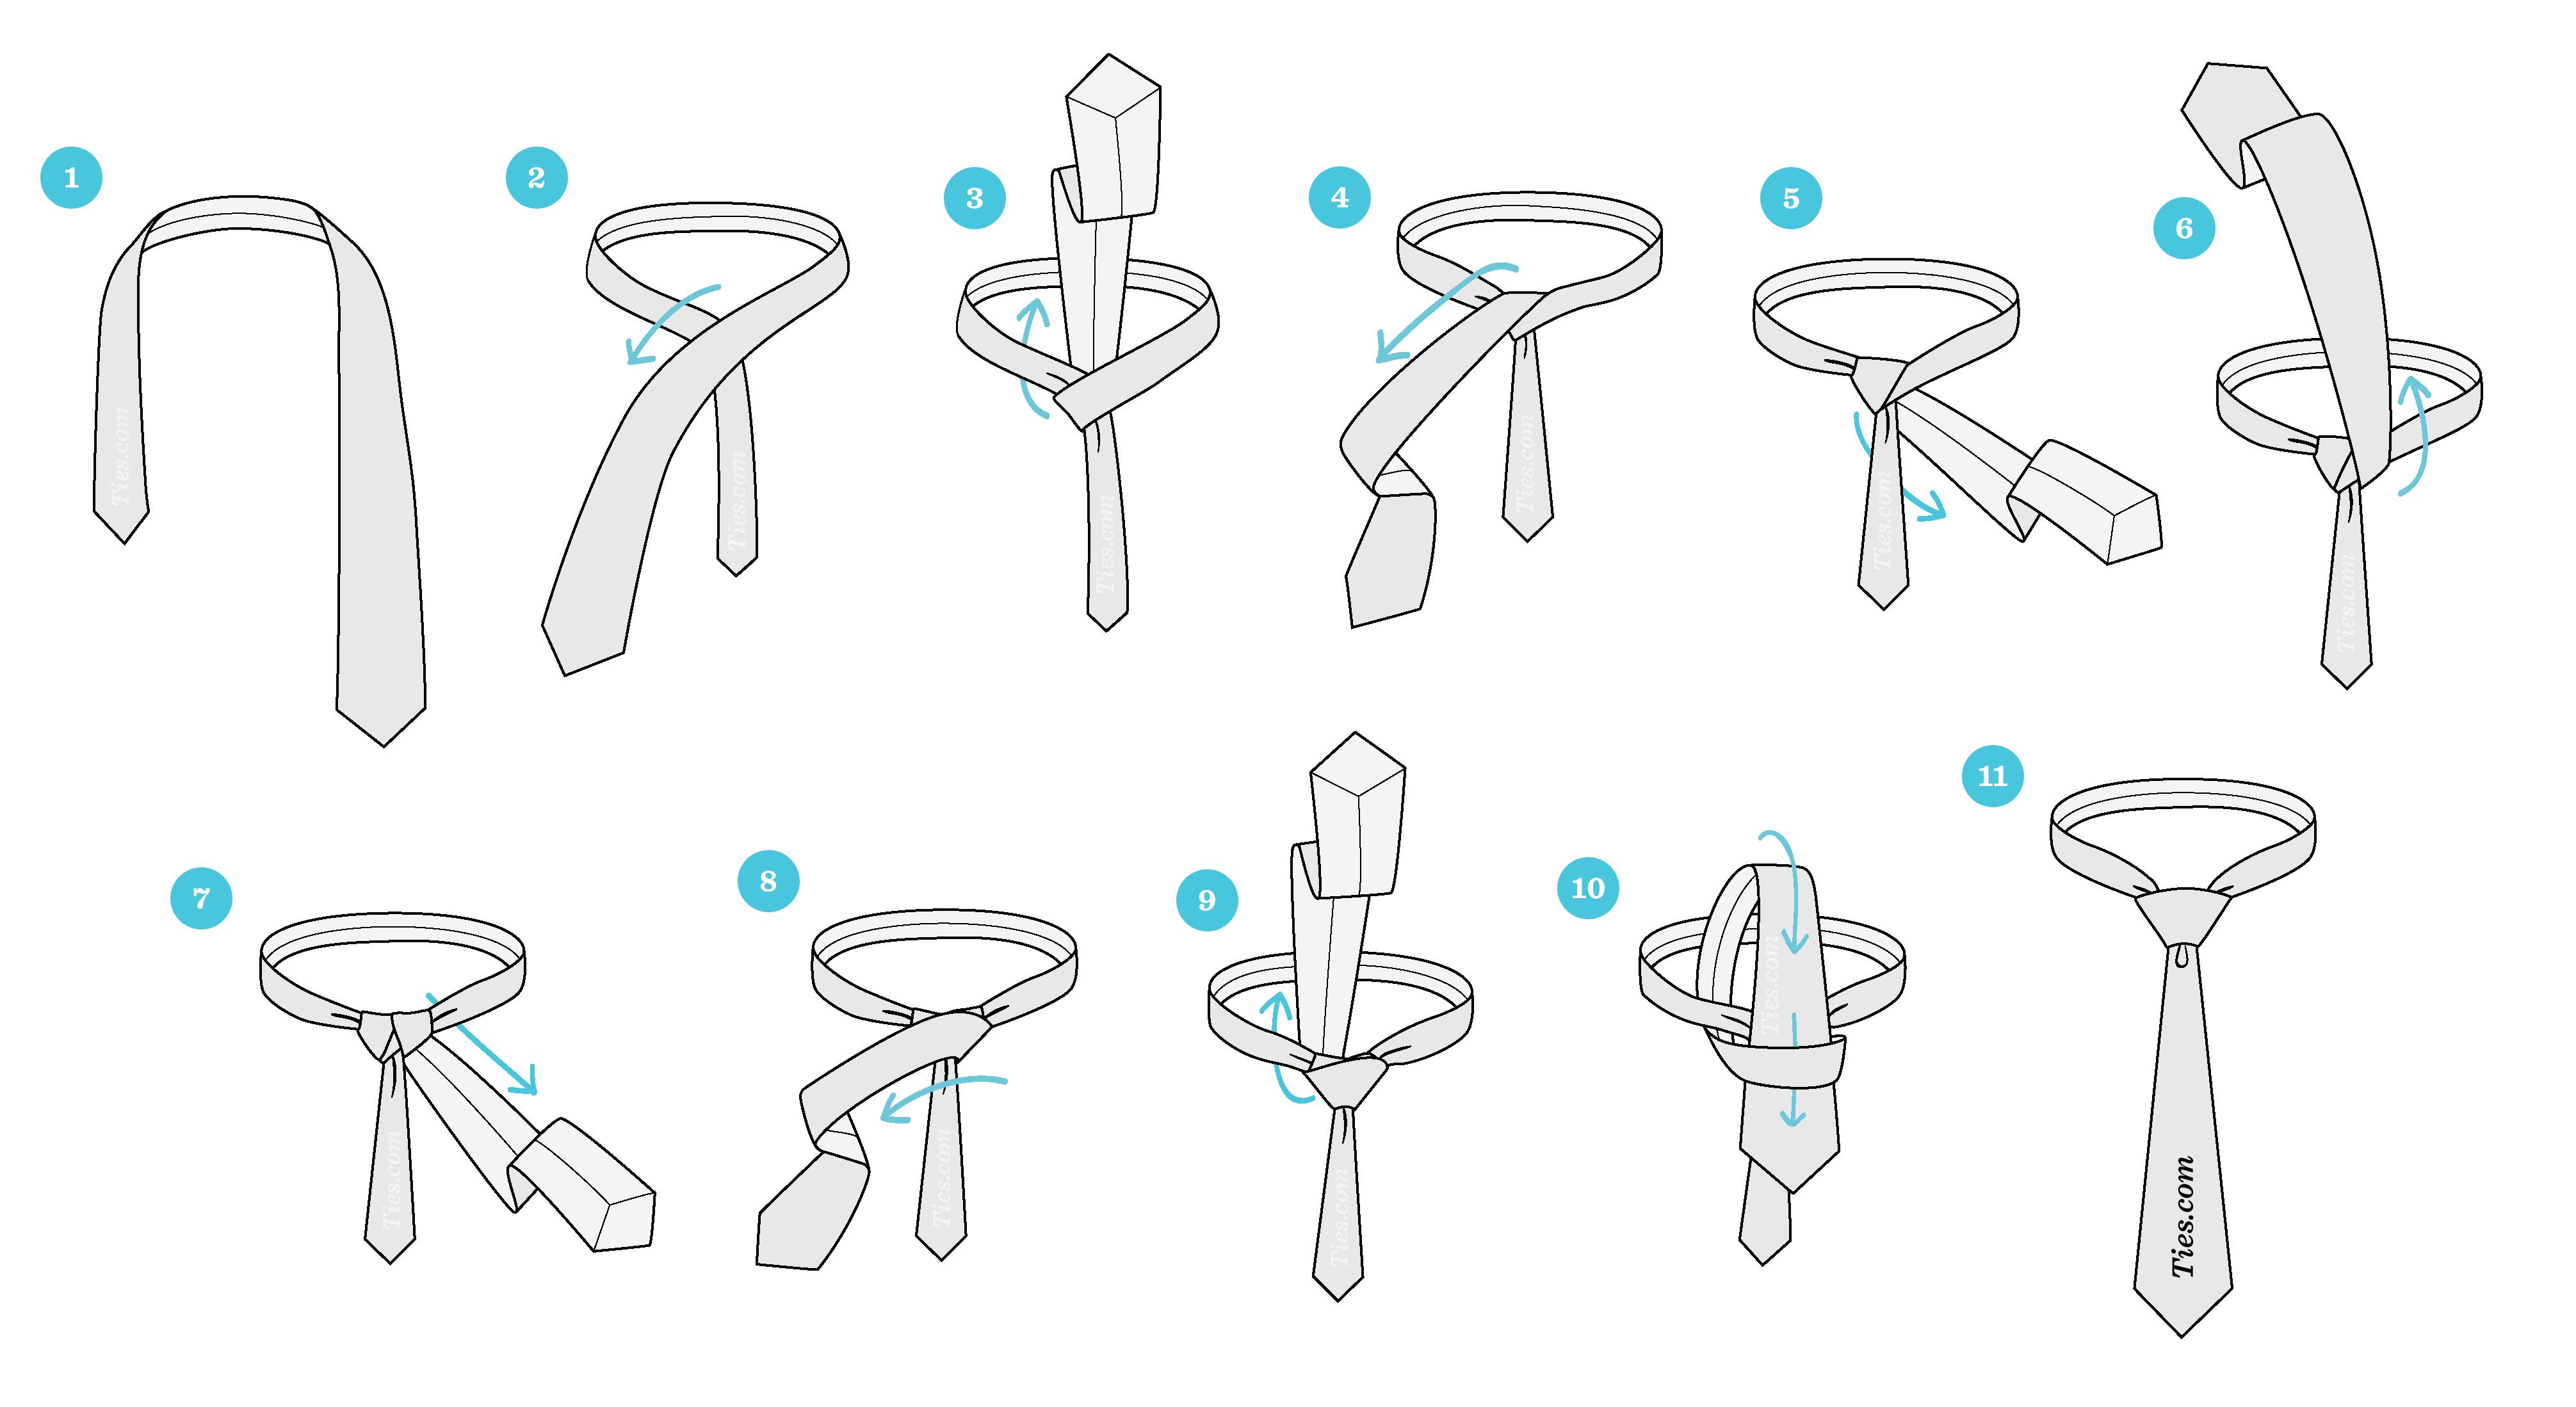 مراحل بستن کراوات سه گره